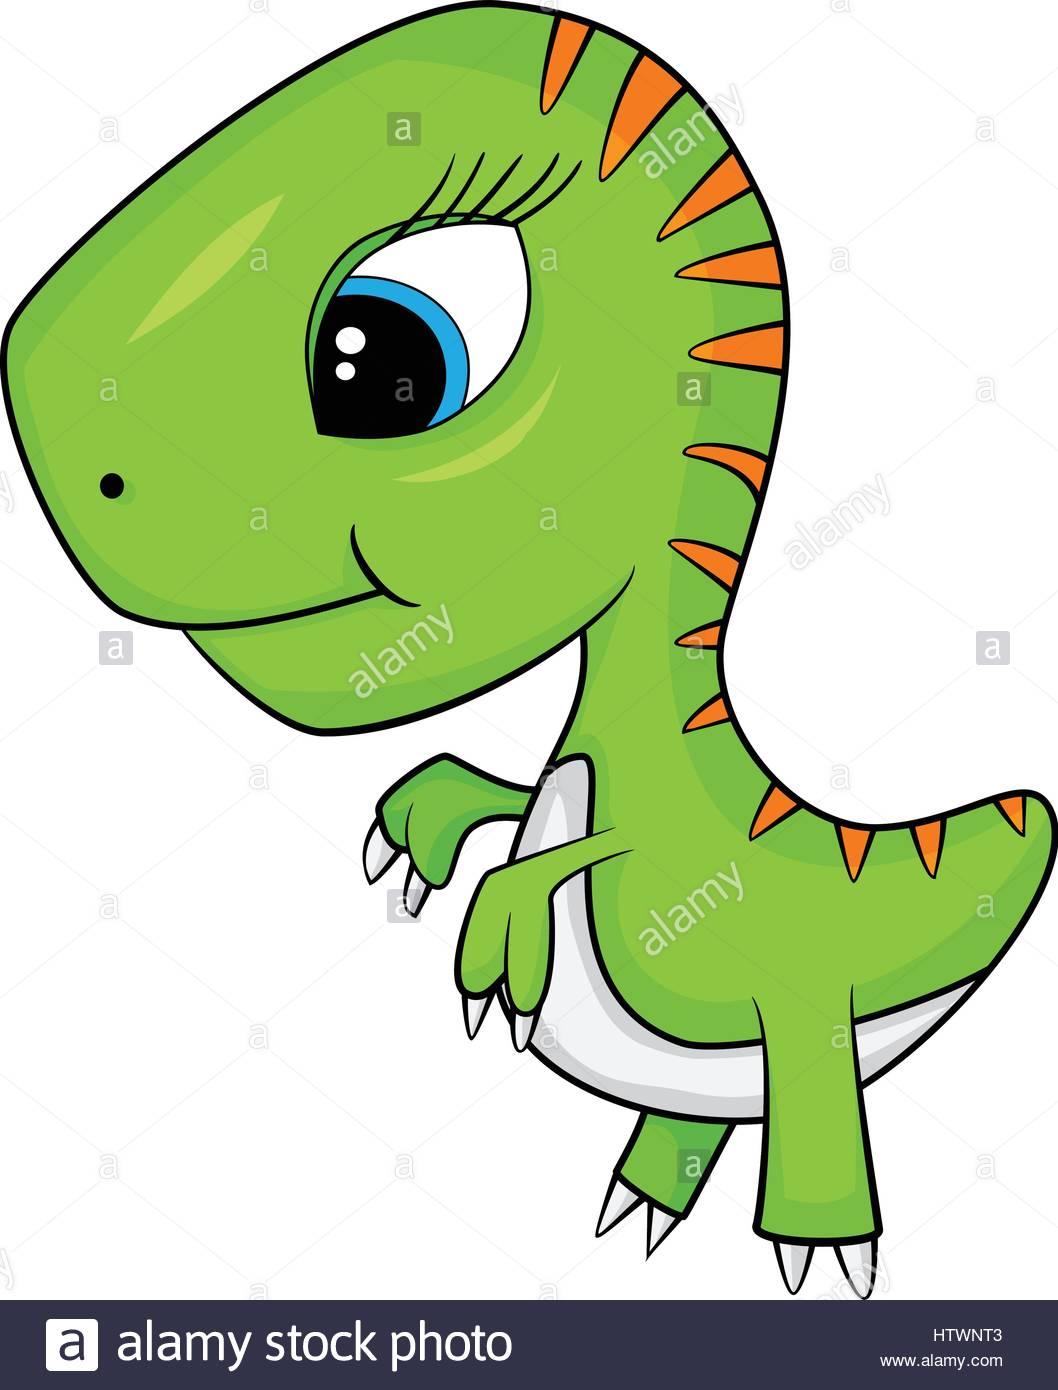 1058x1390 Illustration Of Cute Cartoon Of Baby T Rex Dinosaur. Vector Eps 10